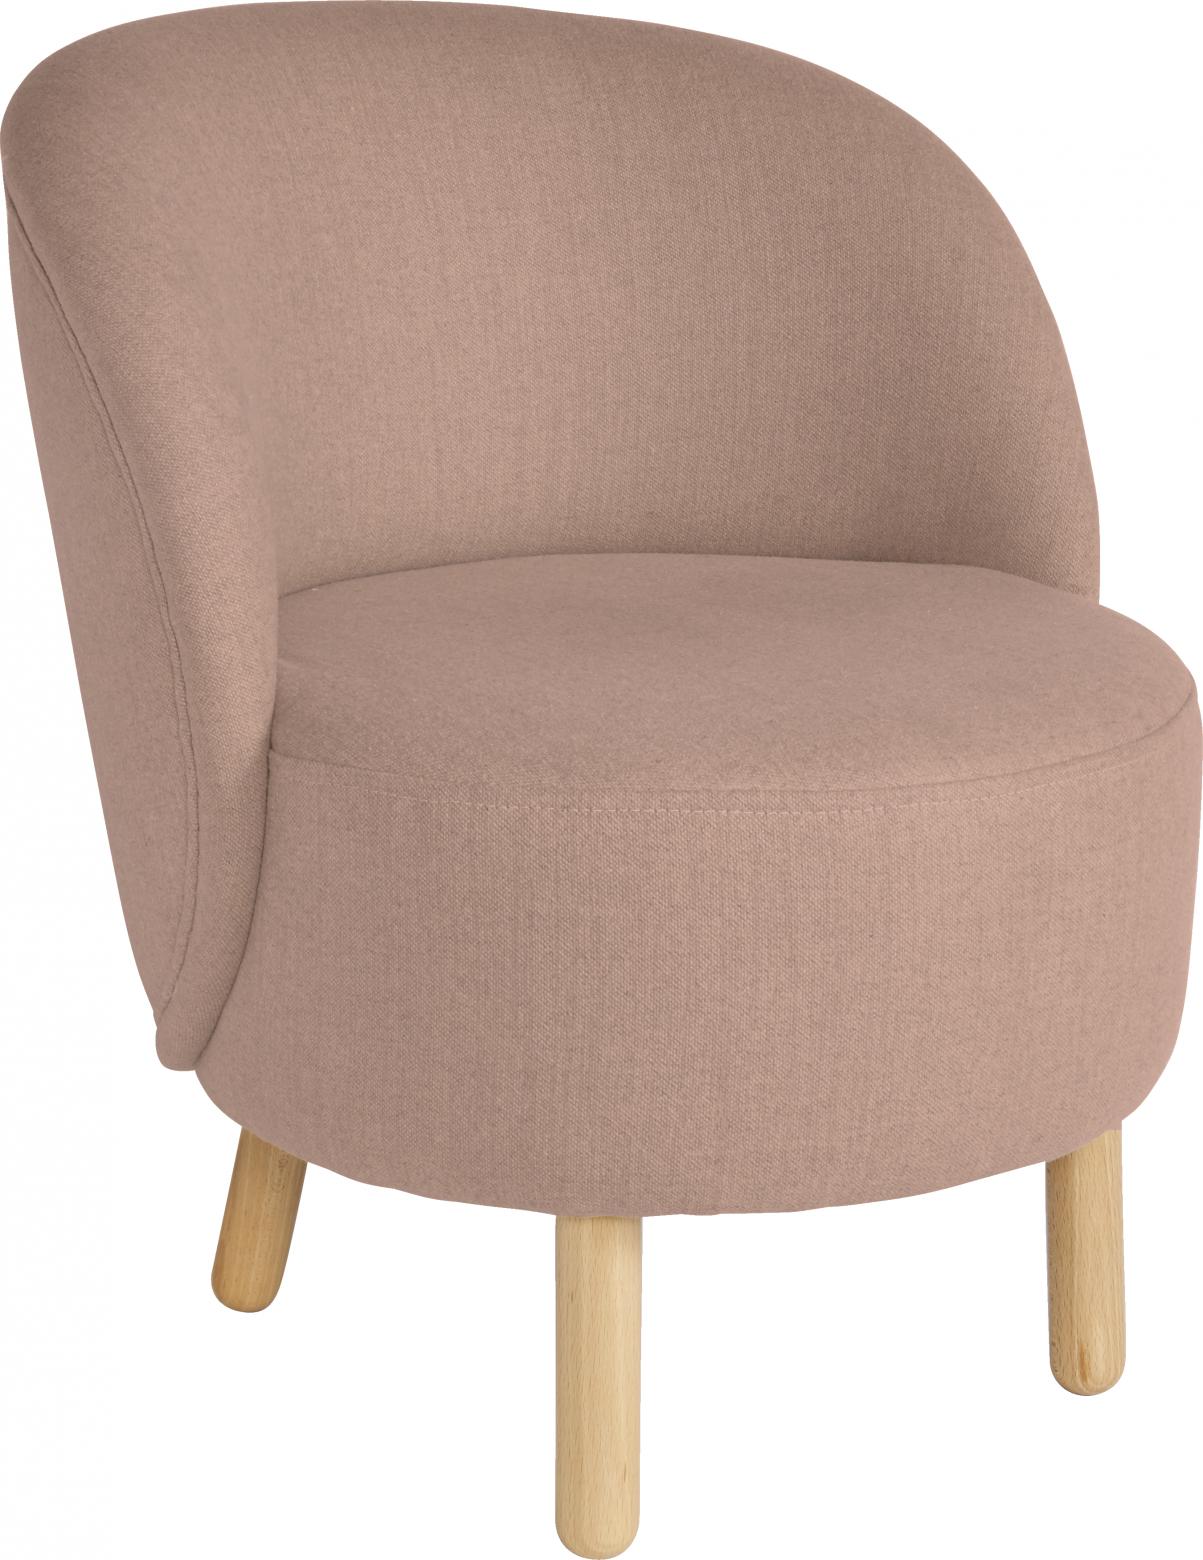 Le petit fauteuil Bold rond généreux et accueillant n en finira